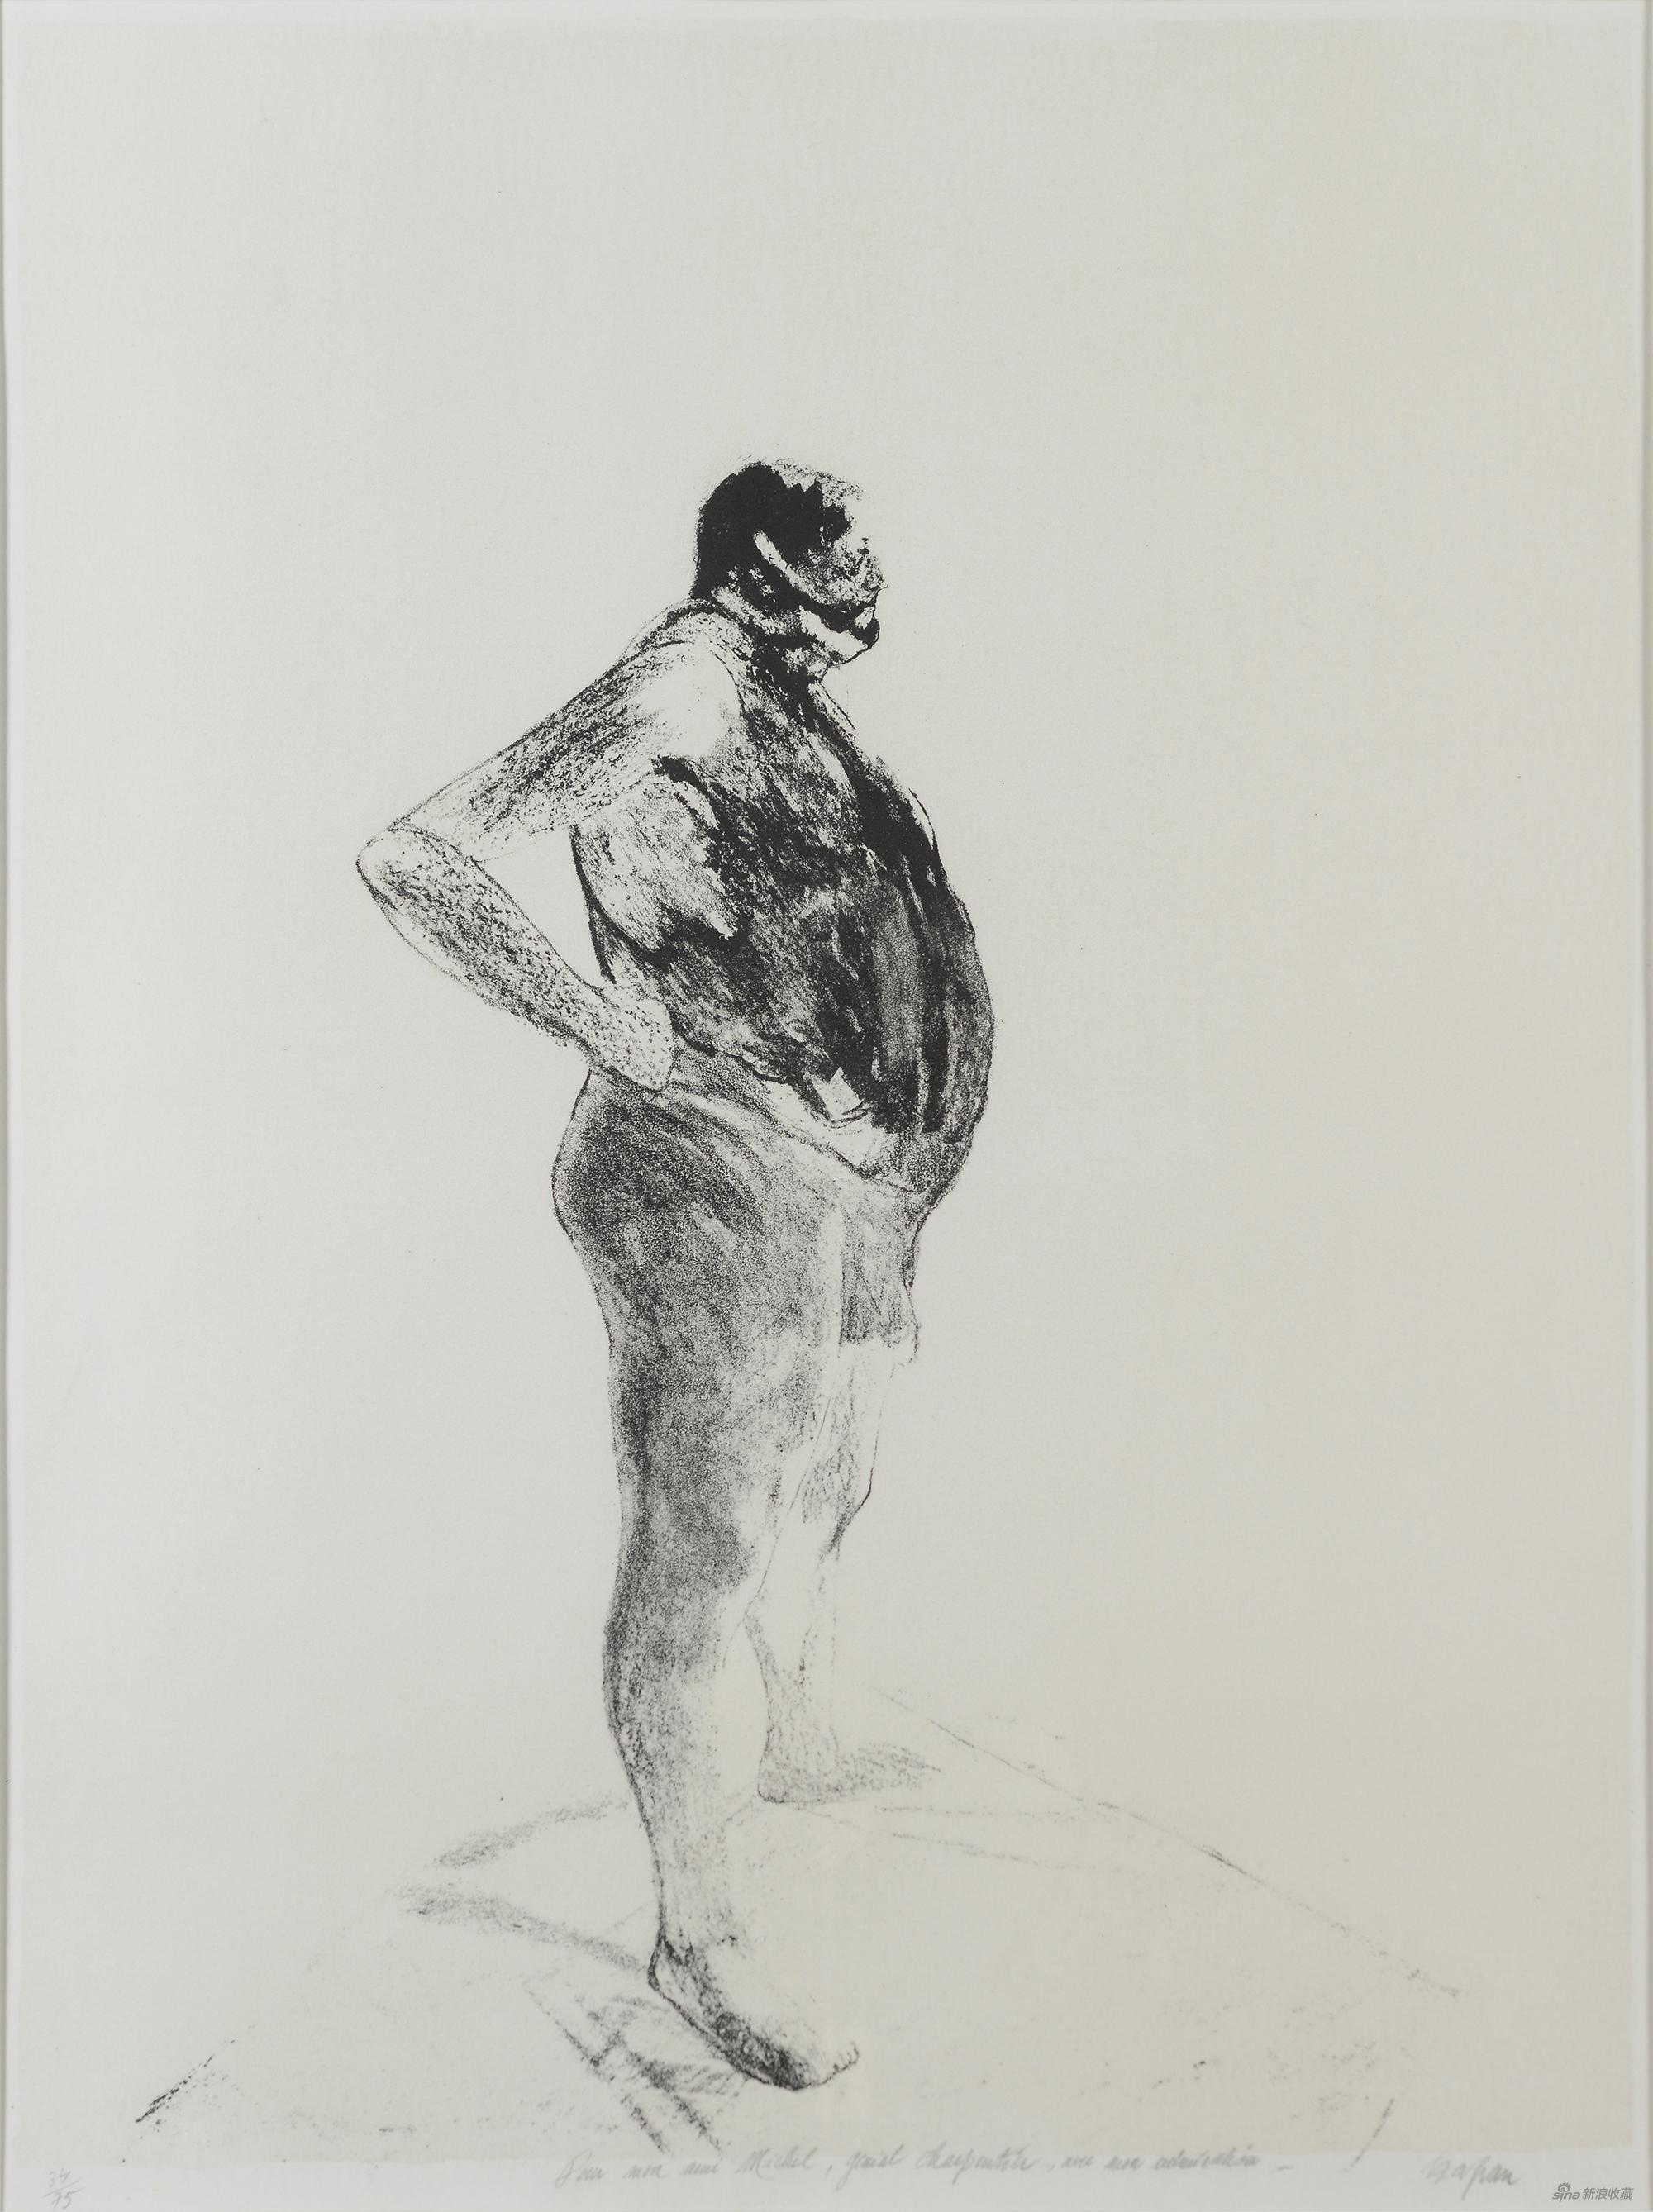 安东尼奥,森·山方,石版画,75×57cm,1967